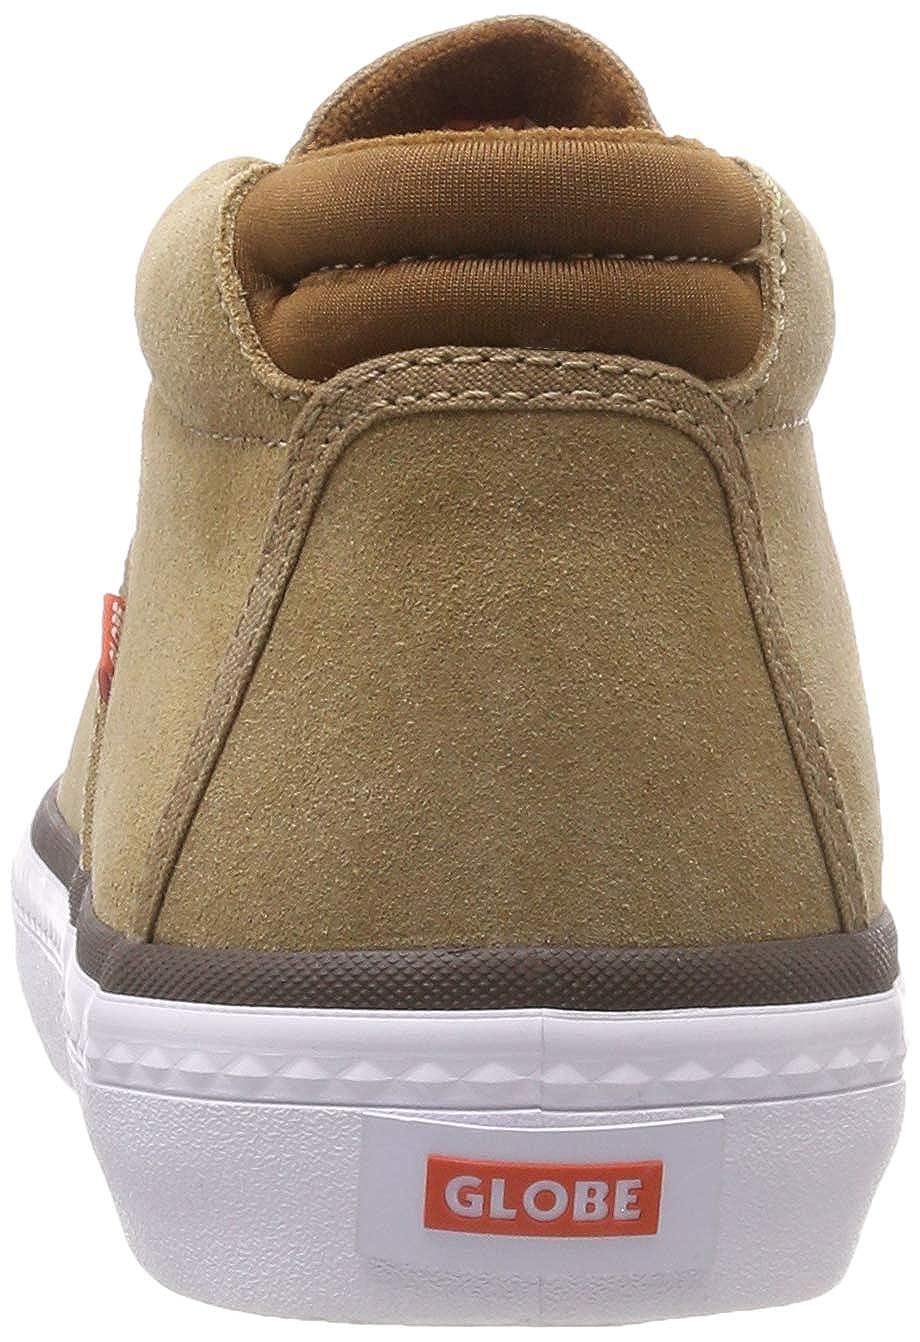 Globe Sprout Mid, Zapatillas de Deporte para Hombre: Amazon.es: Zapatos y complementos